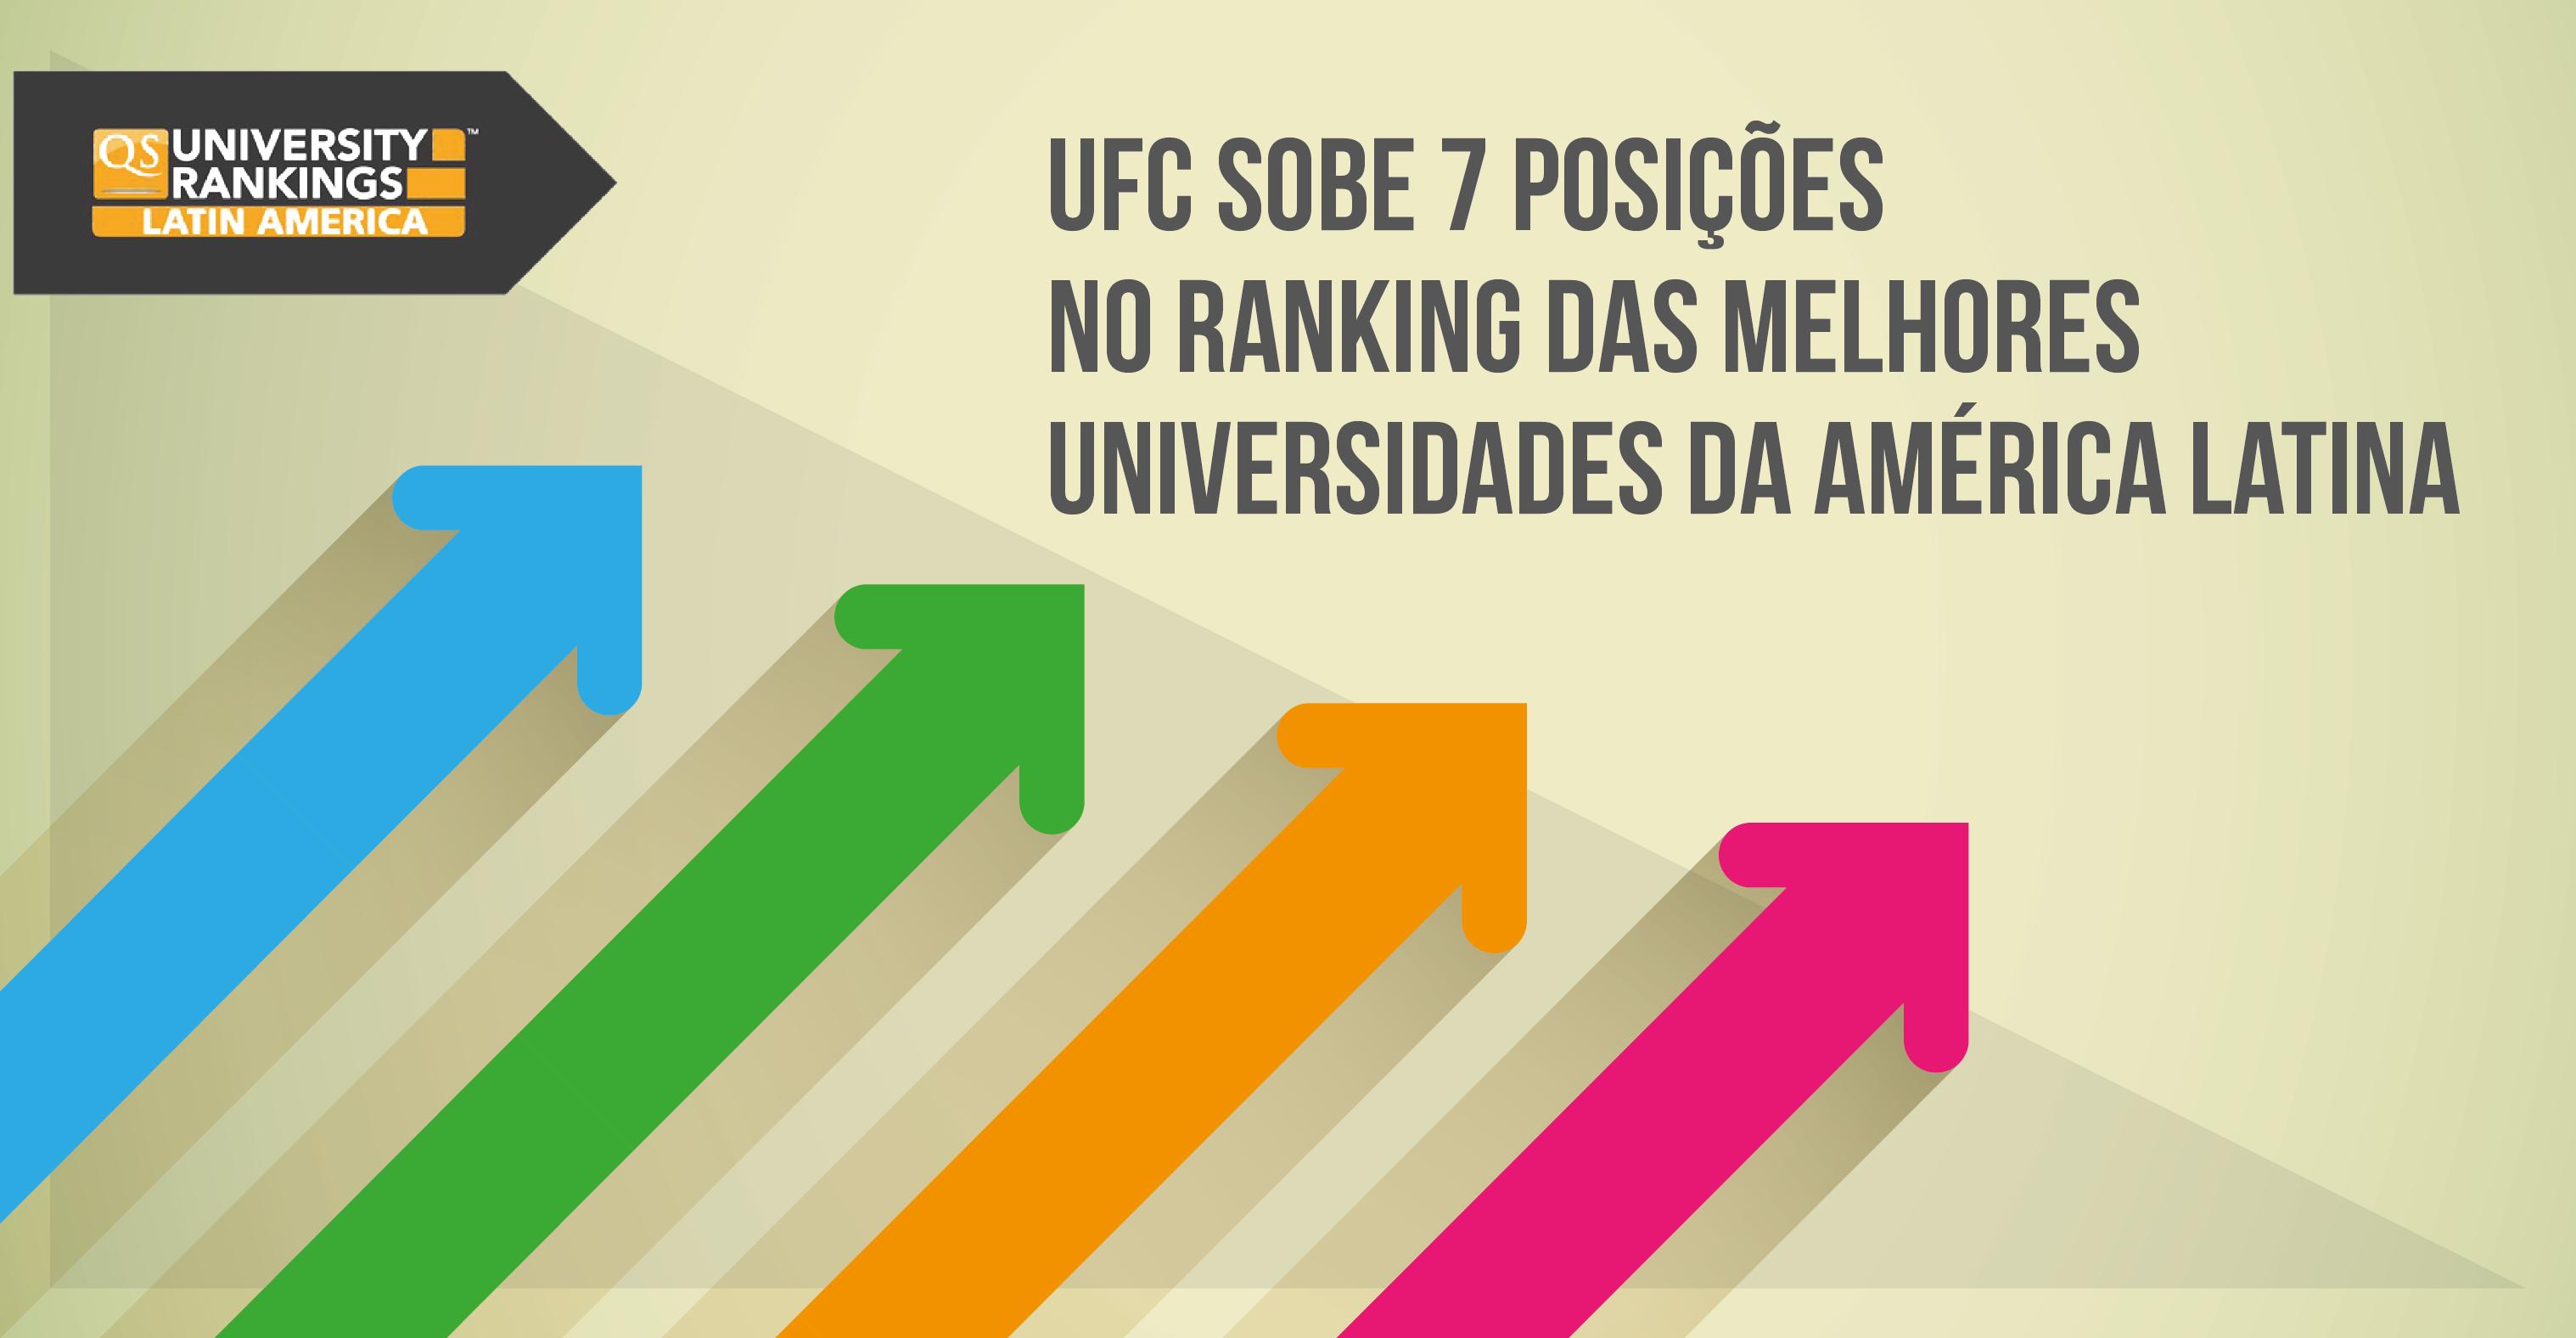 Clique aqui e saiba mais sobre o desempenho da UFC